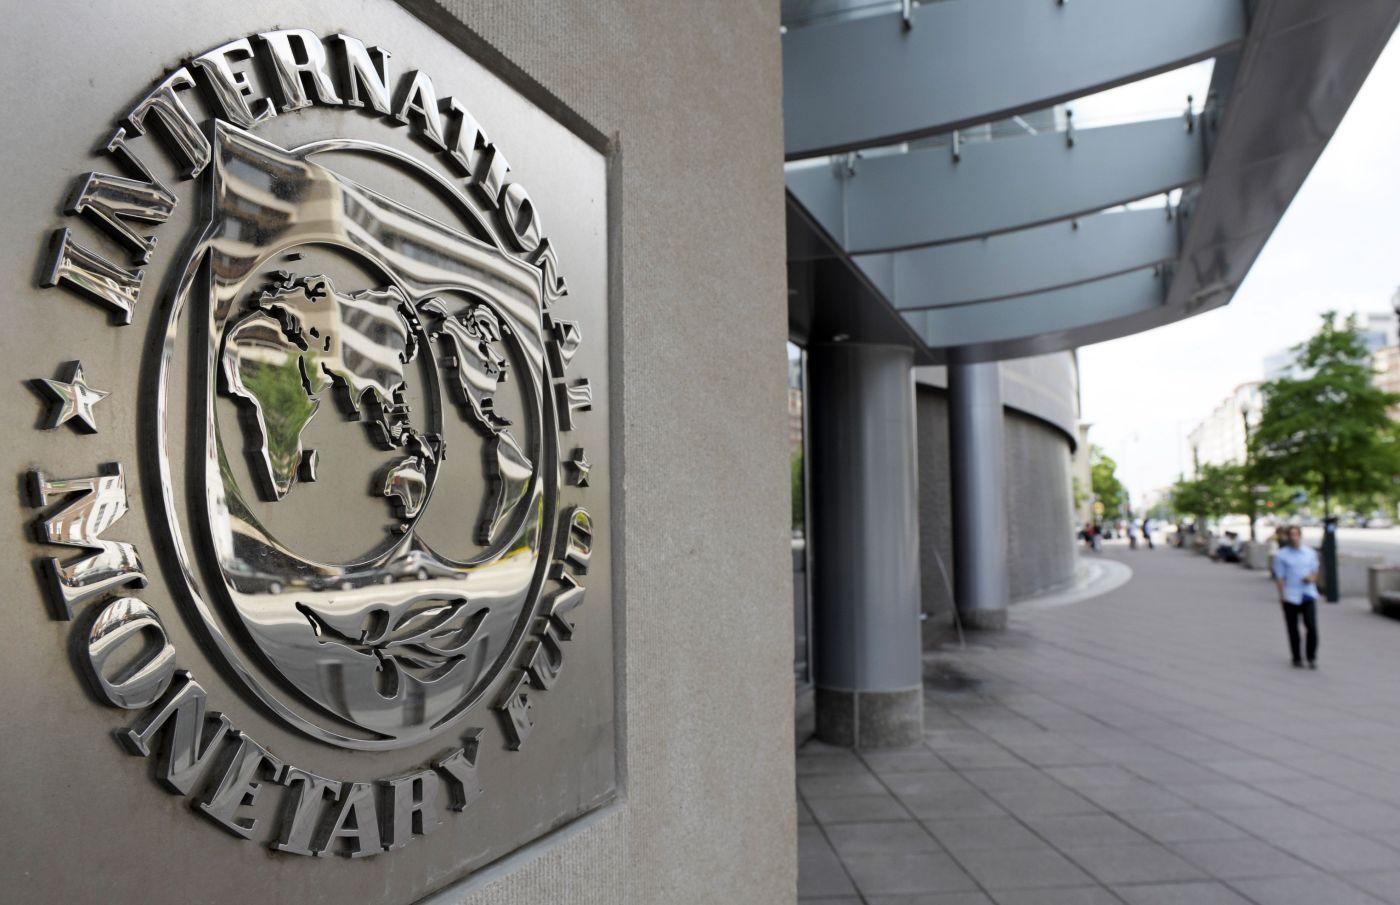 IMF: Dowladda Soomaaliya Waxaa U Socda Wejiga 3aad Ee Barnaamijka SMP